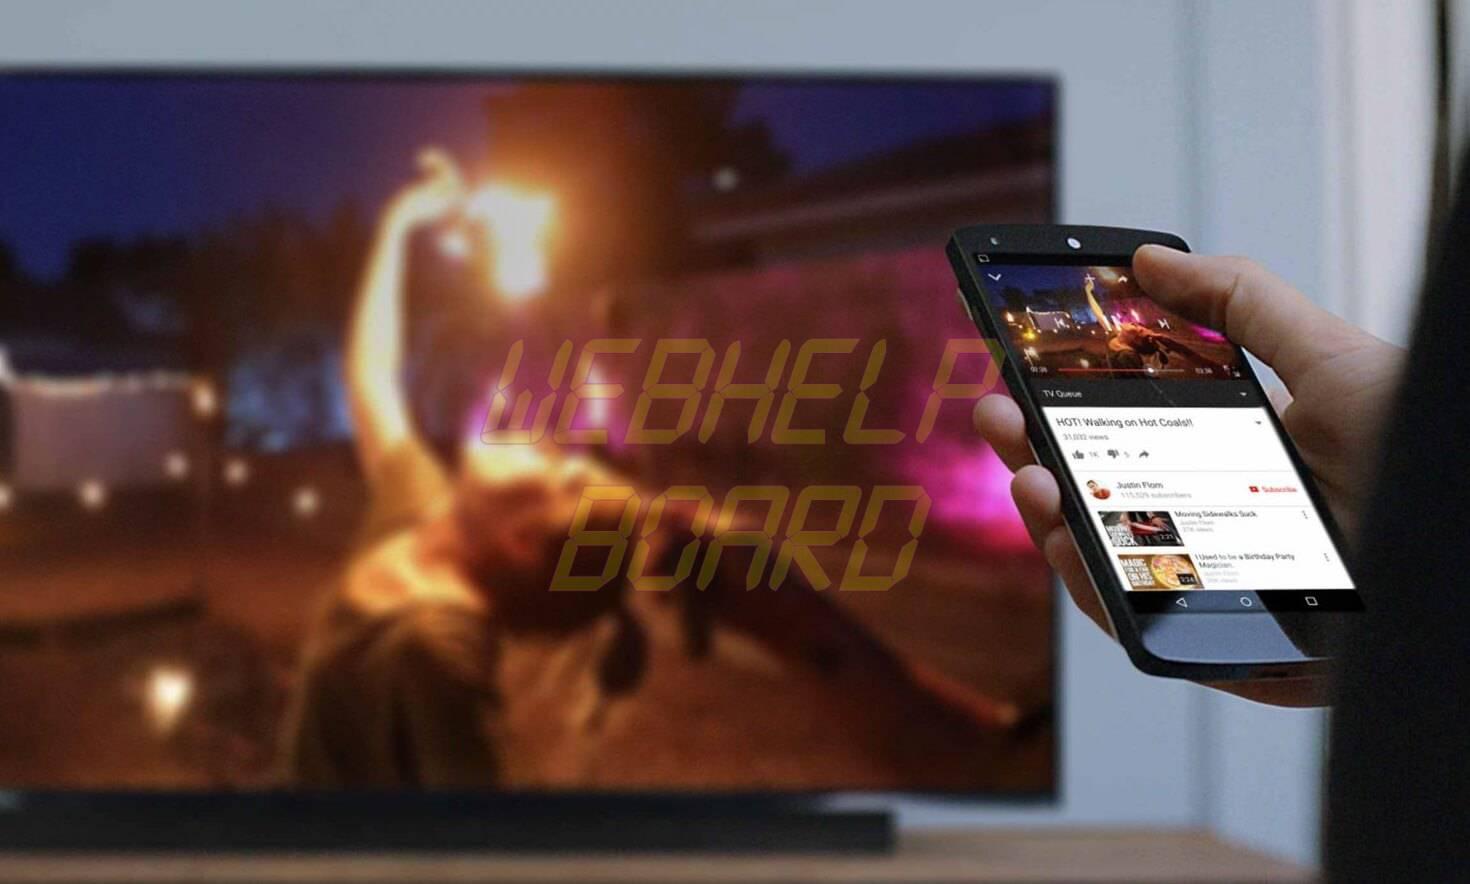 chromecast - Como transmitir a tela do celular para a TV